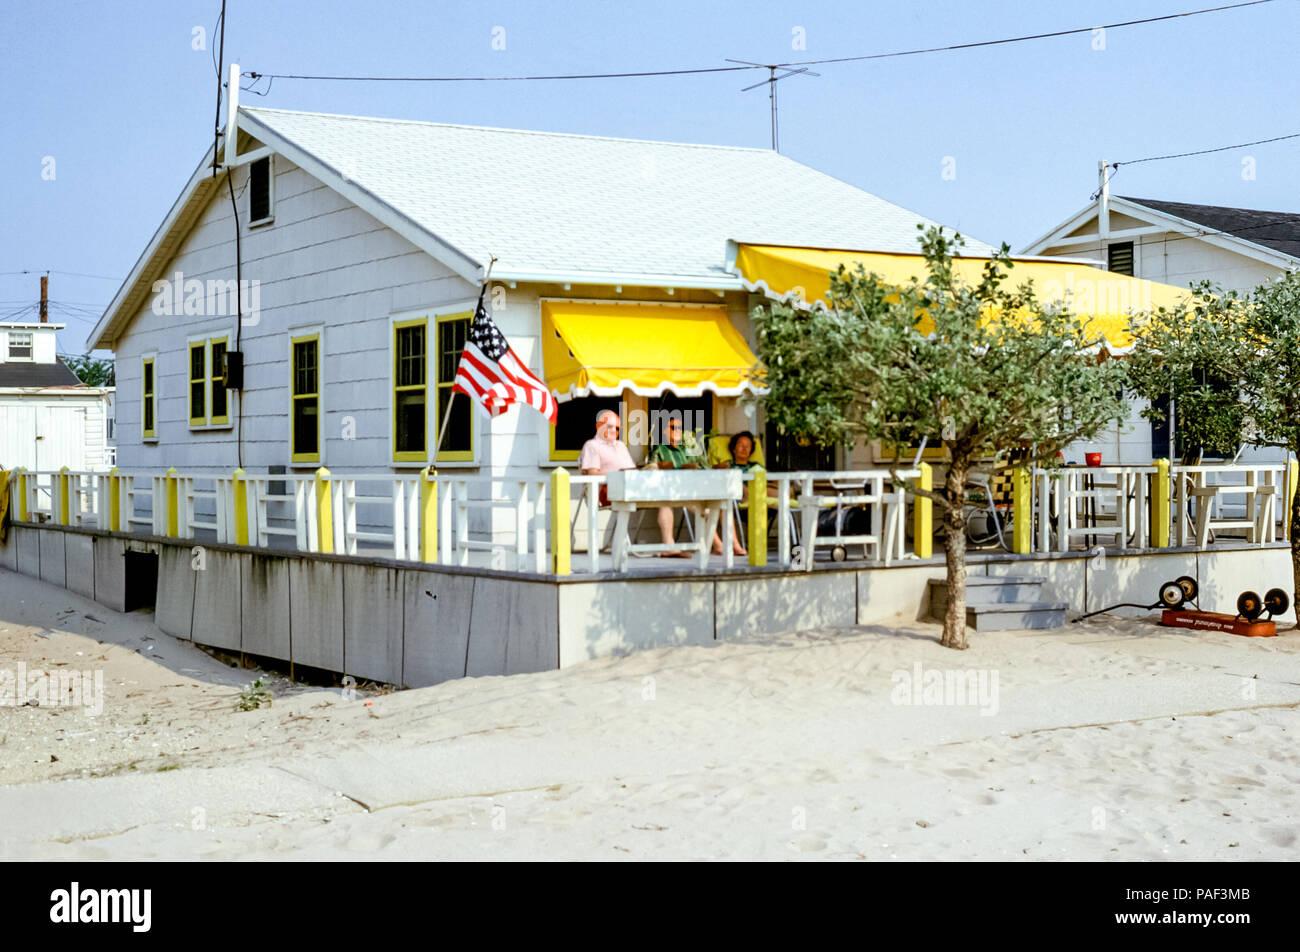 Menschen Entspannend Auf Einen Bungalow Veranda Mit Gelben Markisen